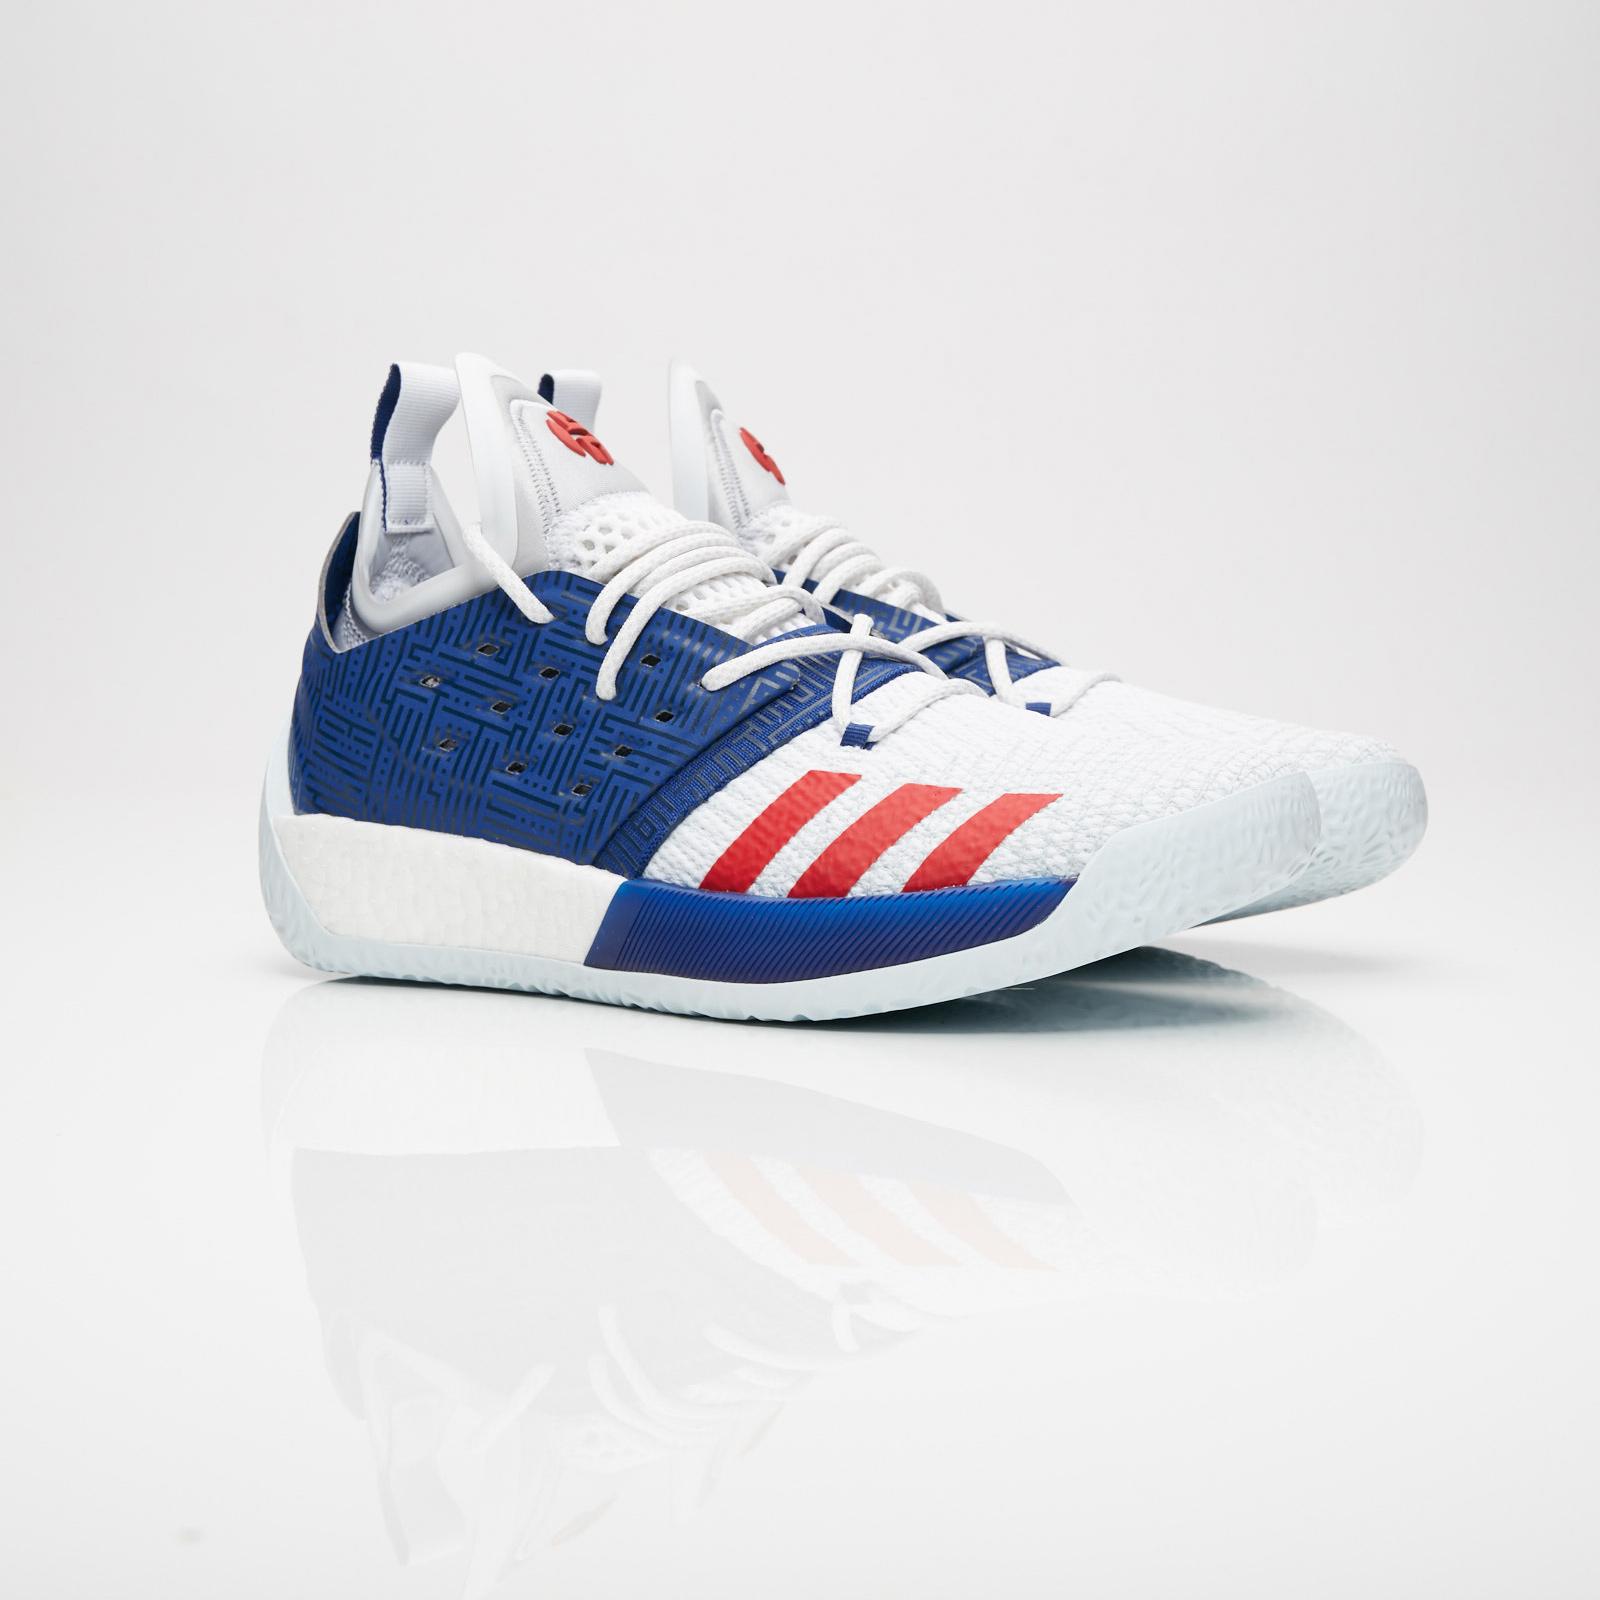 adidas Harden Vol. 2 - Aq0026 - Sneakersnstuff  1ebaa5f55